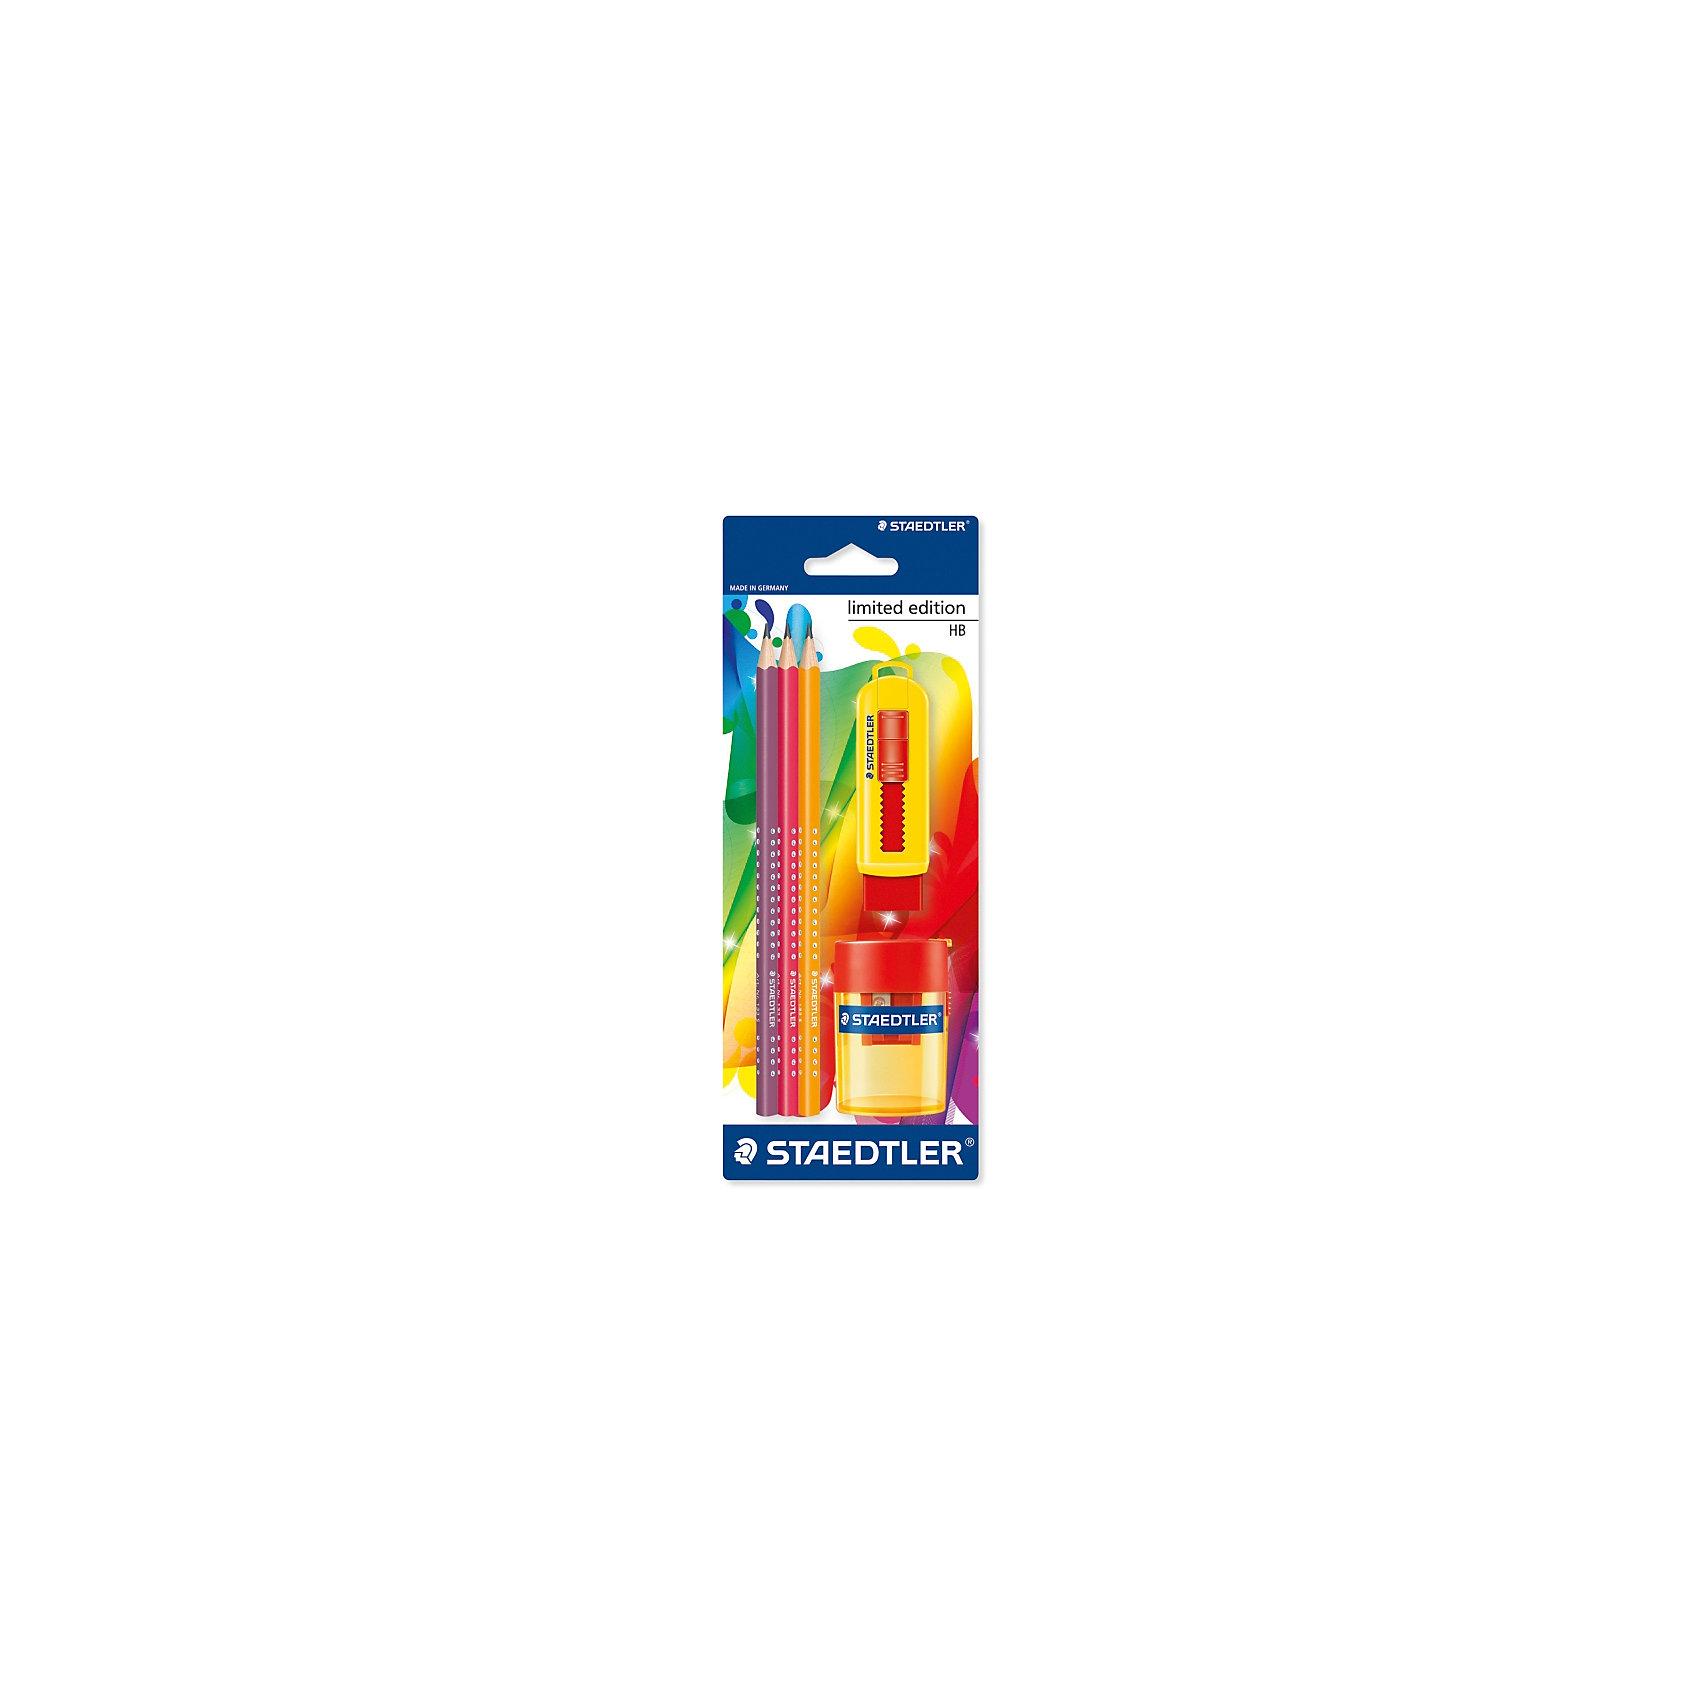 Чернографитный карандаш Limited Edition HB с ластиком и точилкой, 3 шт.Письменные принадлежности<br>Набор чернографитовых карандашей Staedtler Лимитированная коллекция в блистерной упаковке. Твердо-мягкий грифель HB. Содержит: 3 трехгранных карандаша с ярким цветным корпусом + ластик+точилка. Оригинальный дизайн. Удобство в использовании и неповторимое немецкое качество.<br><br>Ширина мм: 235<br>Глубина мм: 91<br>Высота мм: 45<br>Вес г: 80<br>Возраст от месяцев: 84<br>Возраст до месяцев: 168<br>Пол: Унисекс<br>Возраст: Детский<br>SKU: 4853257